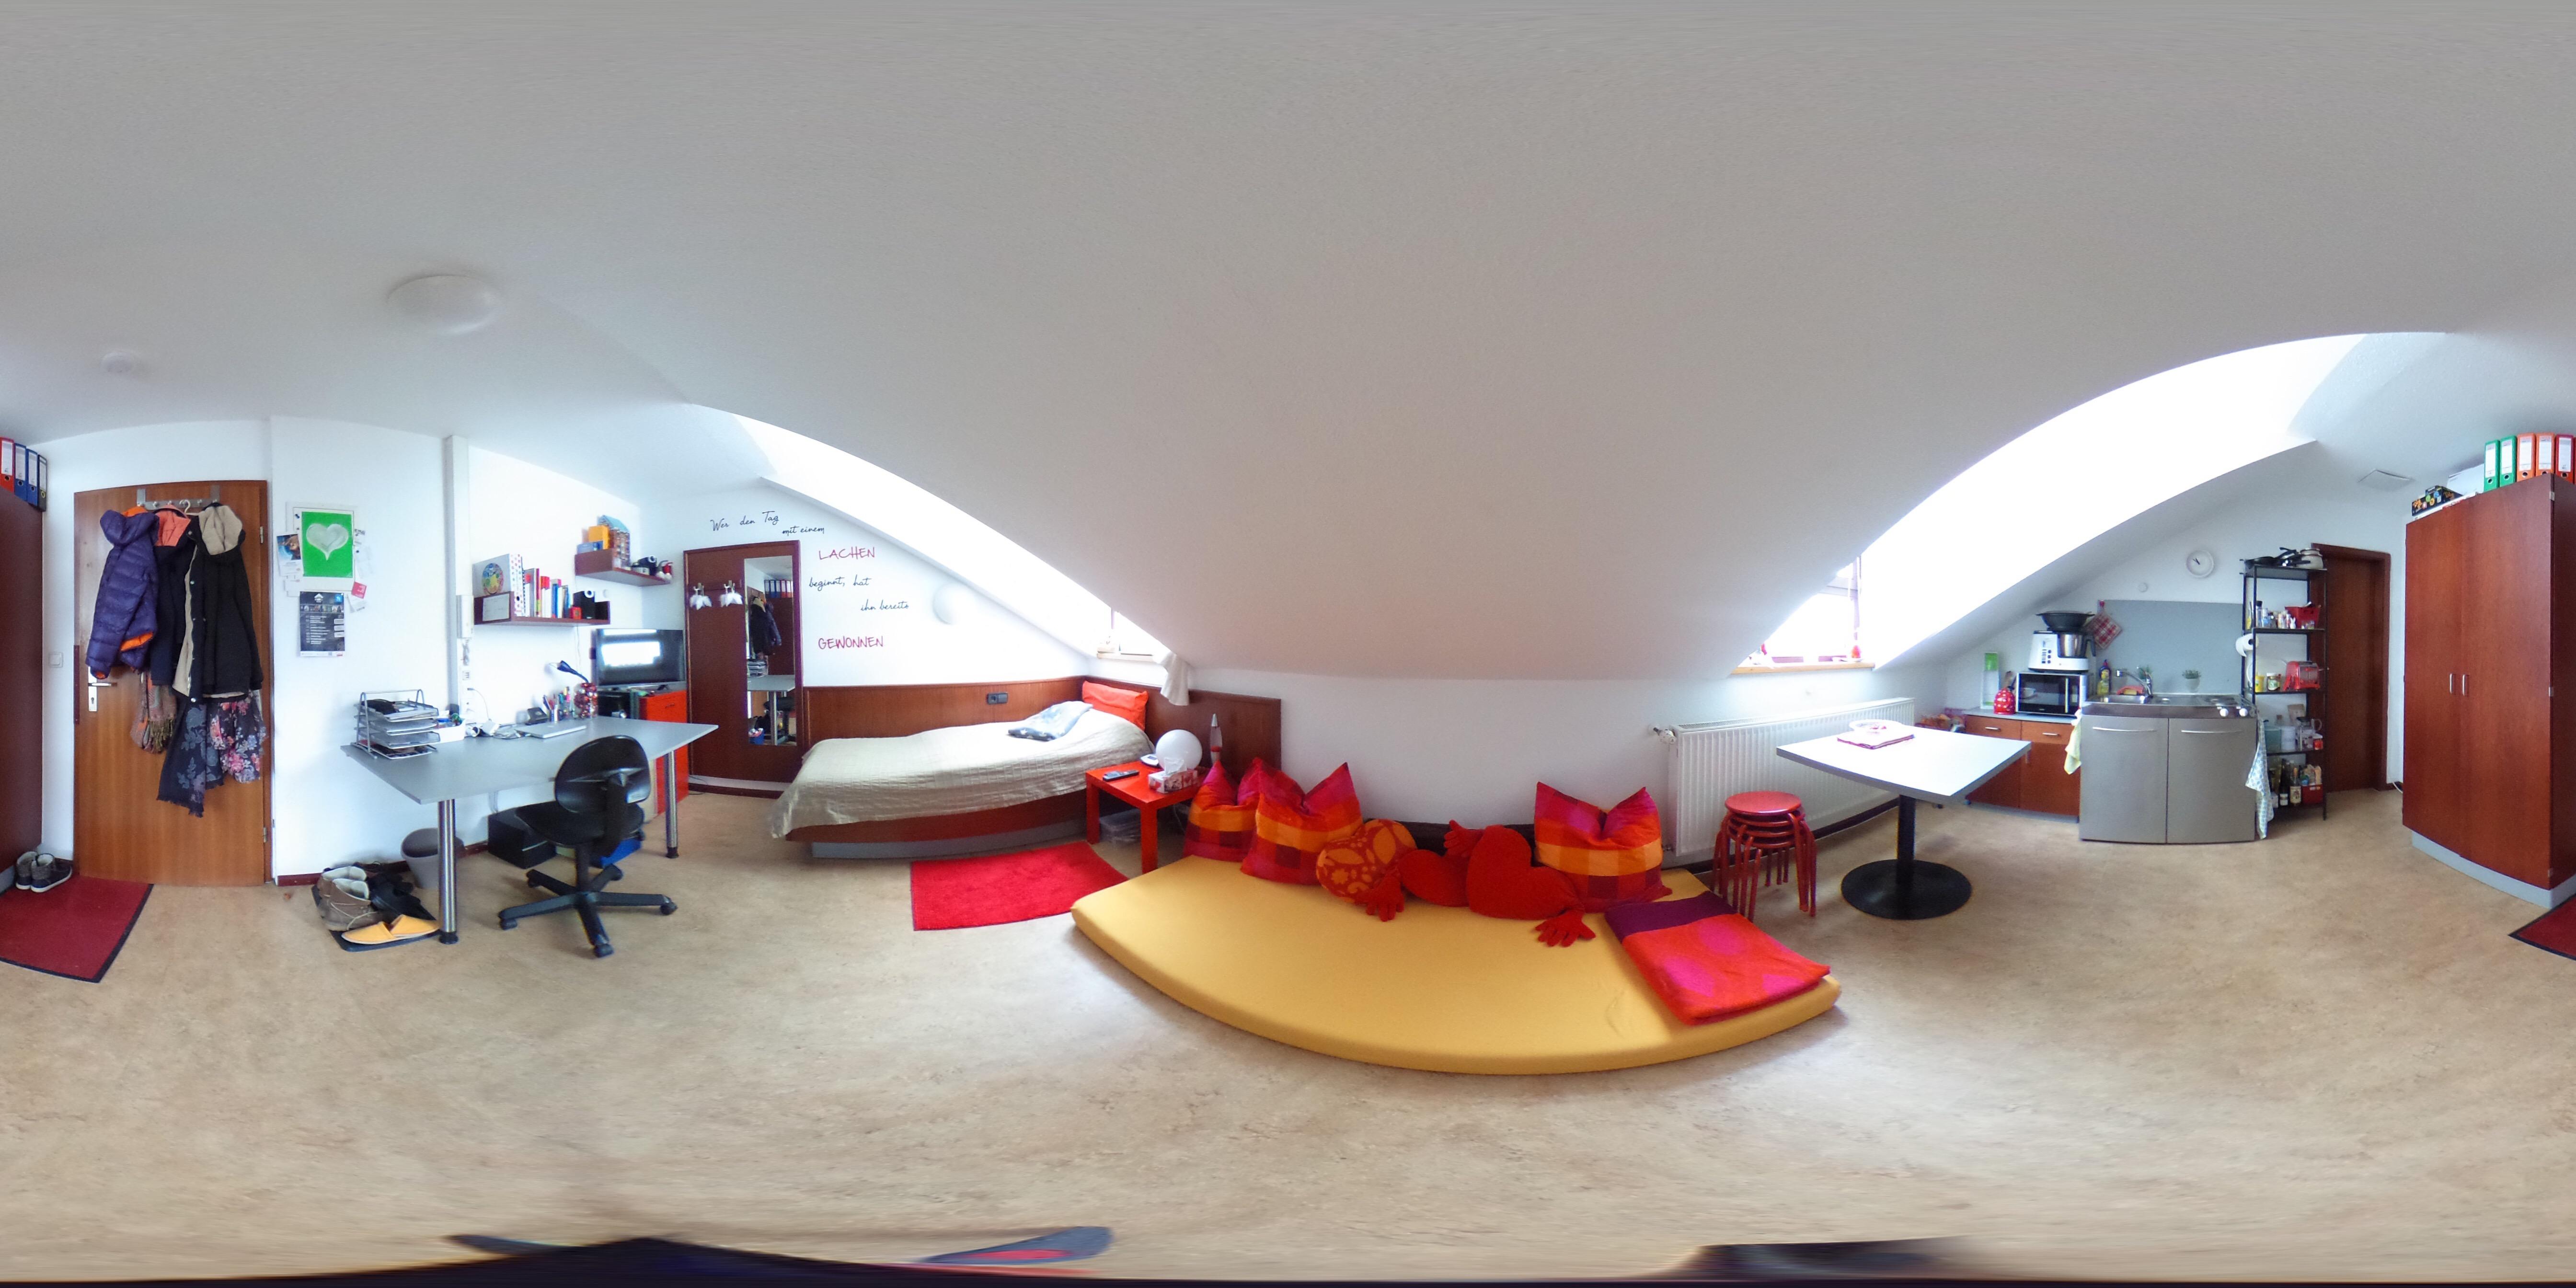 kchen kempten finest kchen kempten with kchen kempten. Black Bedroom Furniture Sets. Home Design Ideas